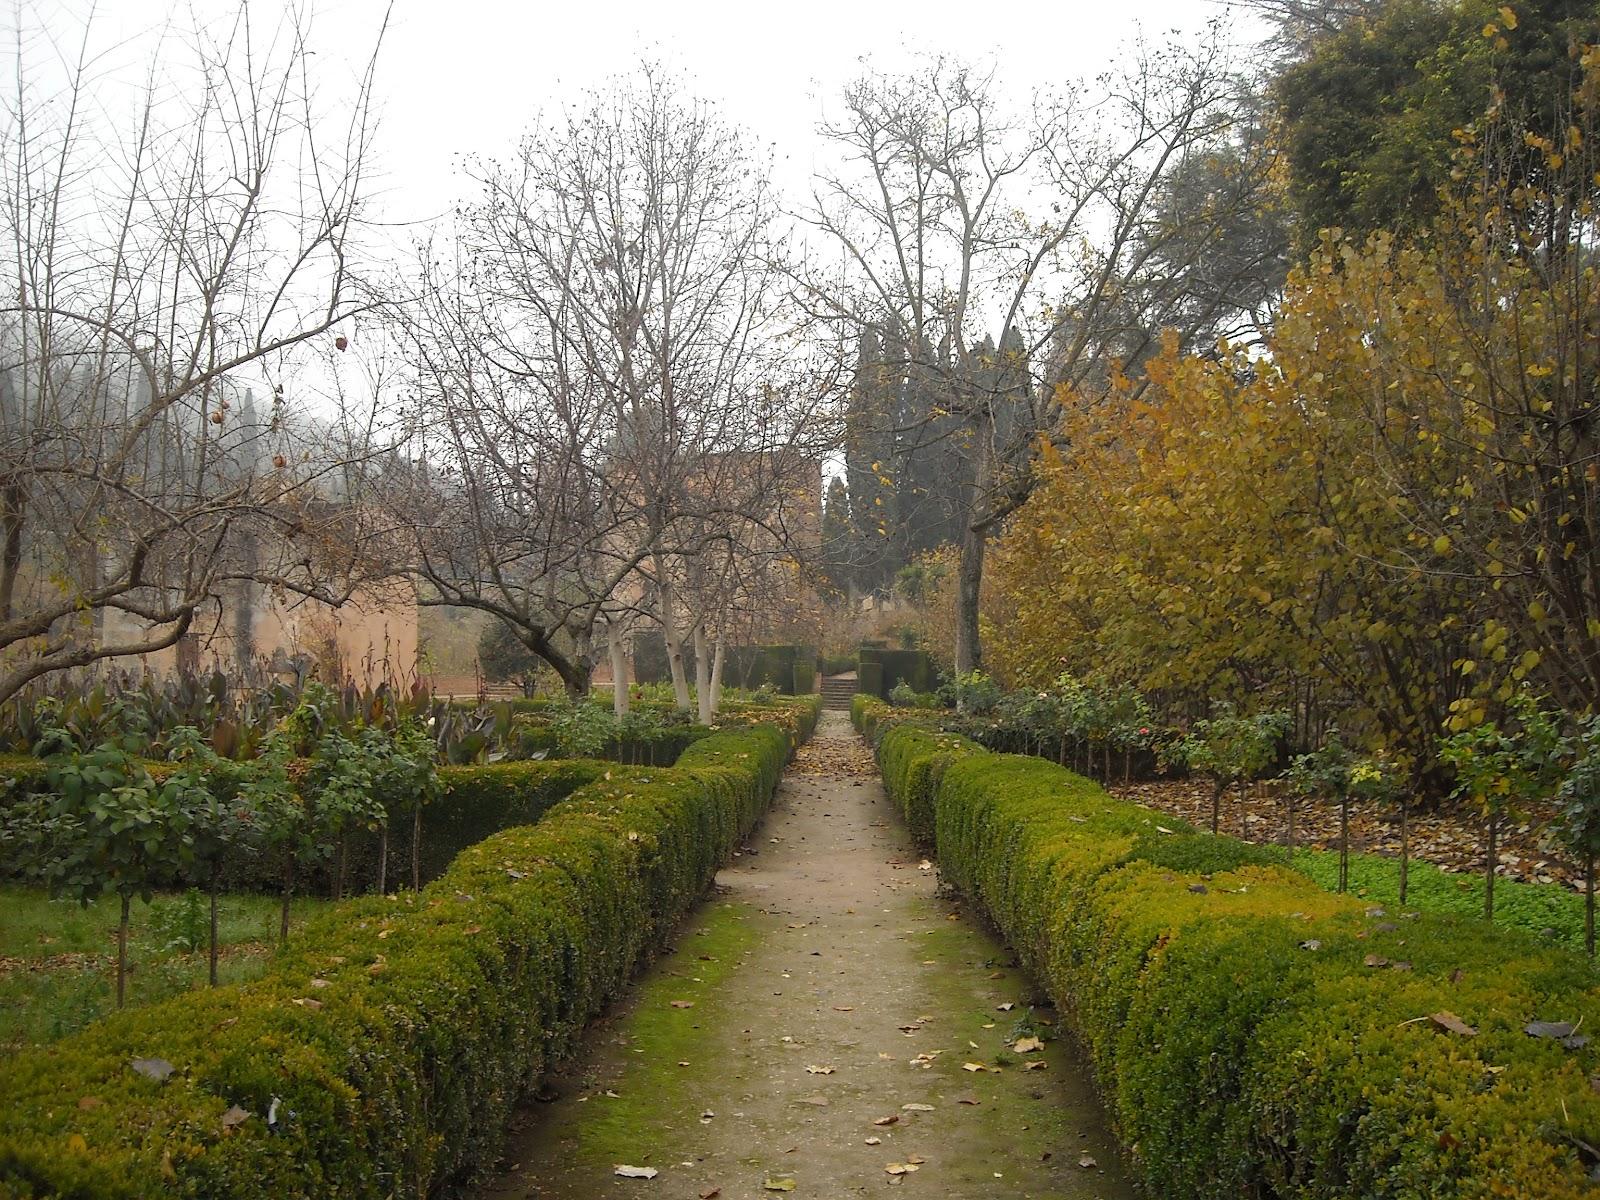 Jard n de invierno for Jardines de invierno cerramientos